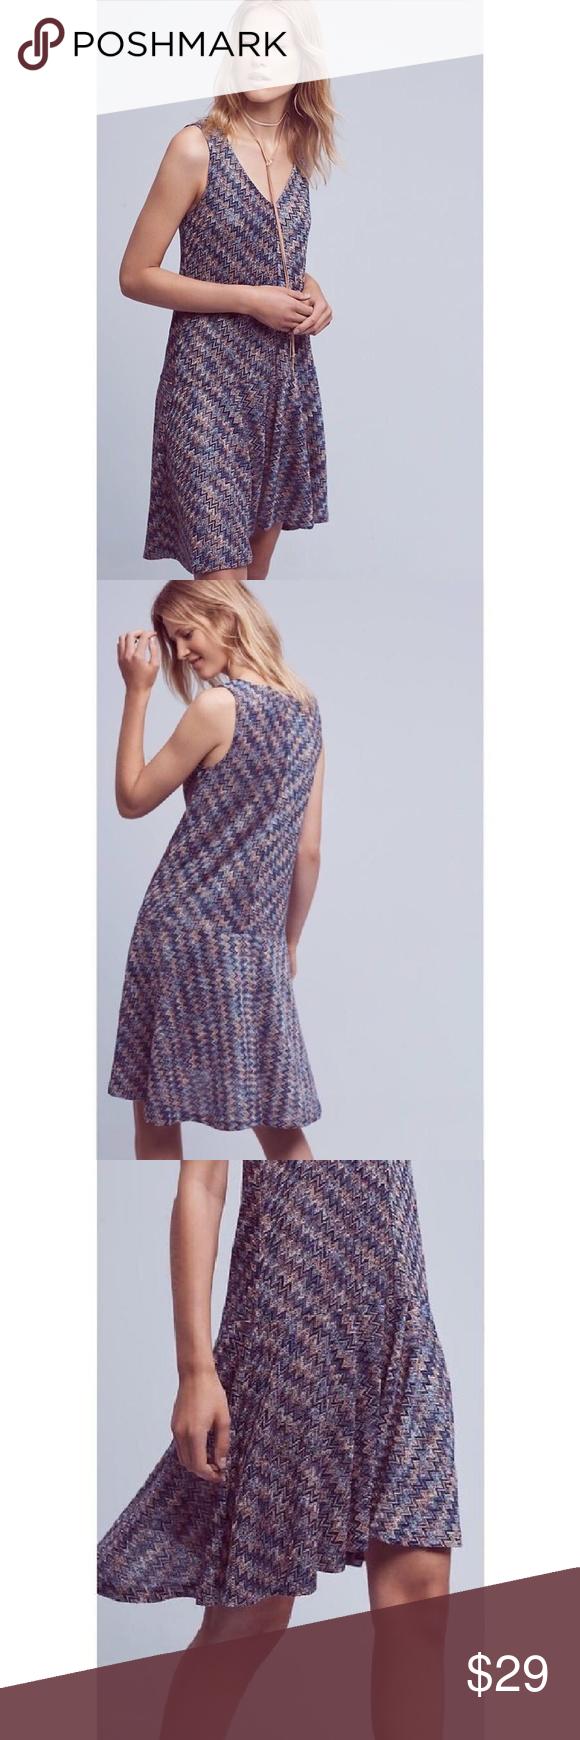 79e2a0b40d4a Maeve Westwater Multi-color Chevron Knit Dress Anthropologie Maeve Westwater  Multi-color Chevron Knit